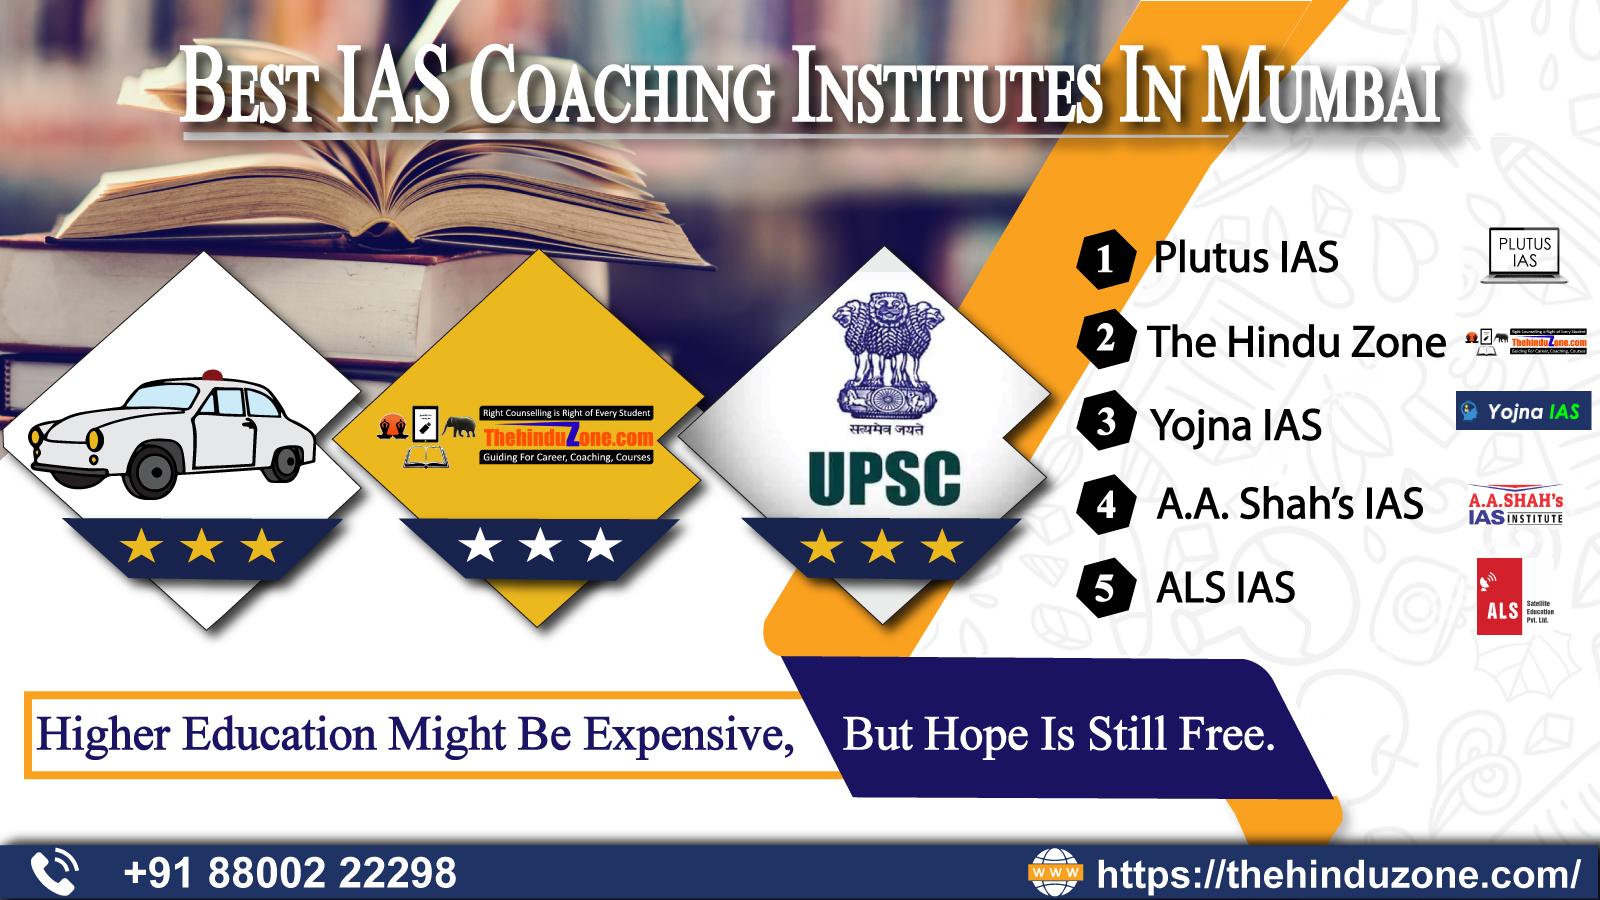 Top 10 IAS Coaching Institutes In Mumbai